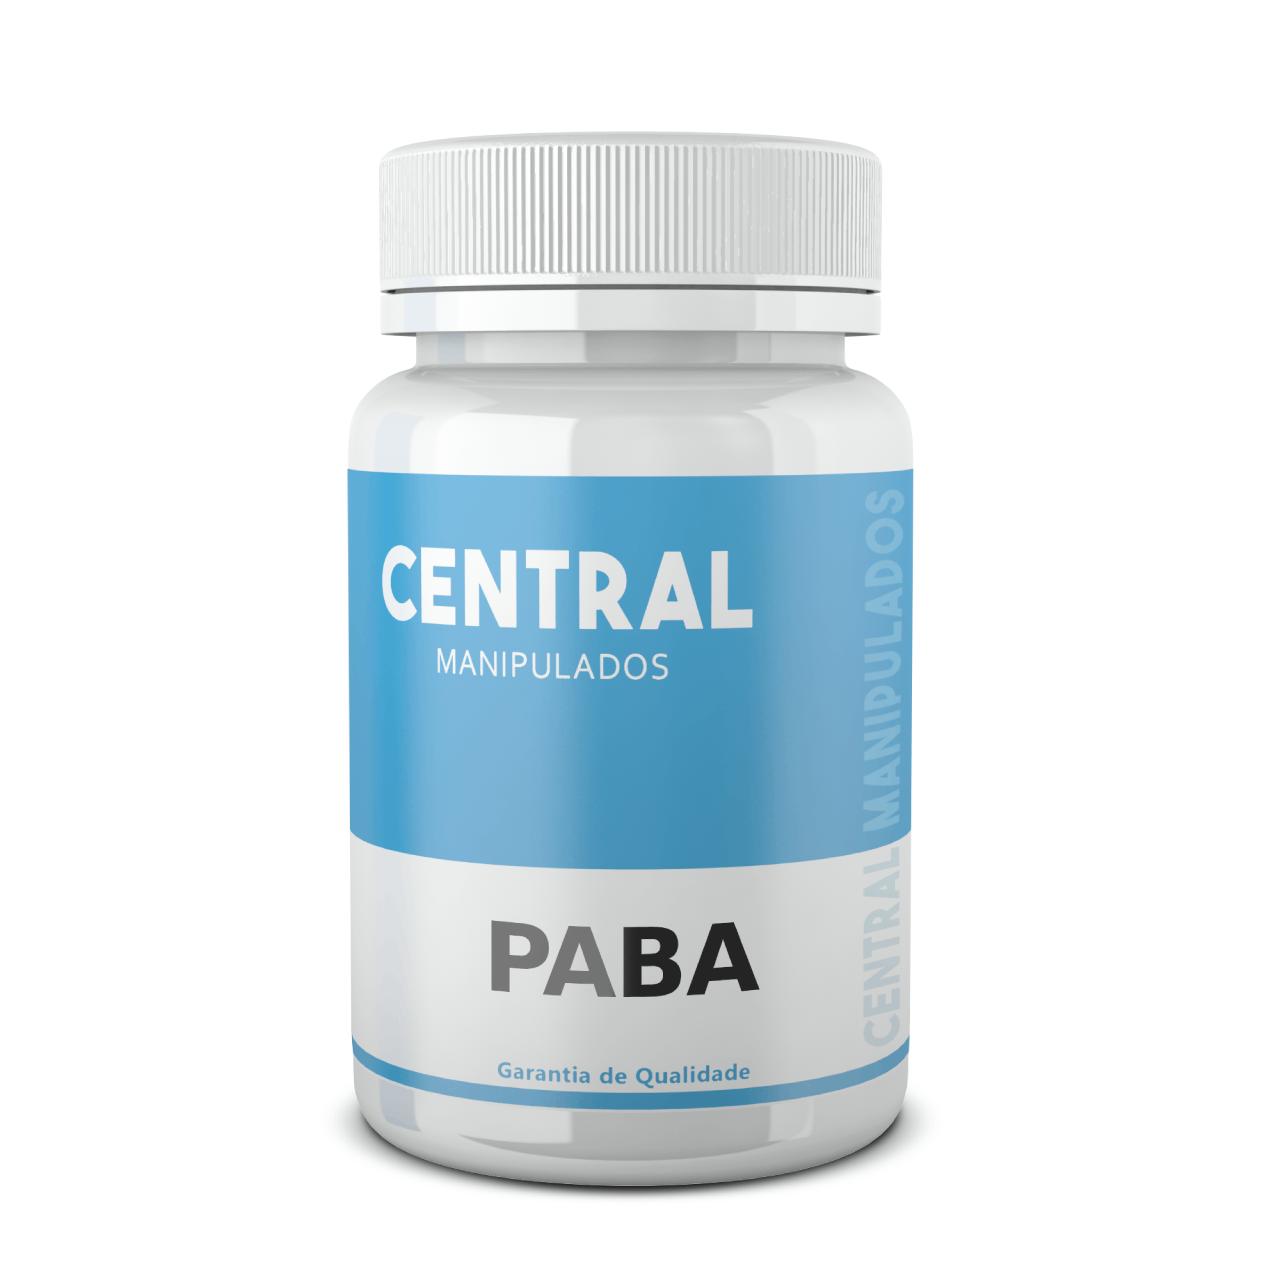 PABA (ACIDO PARAMINOBENZOICO) 20mg - 120 cápsulas